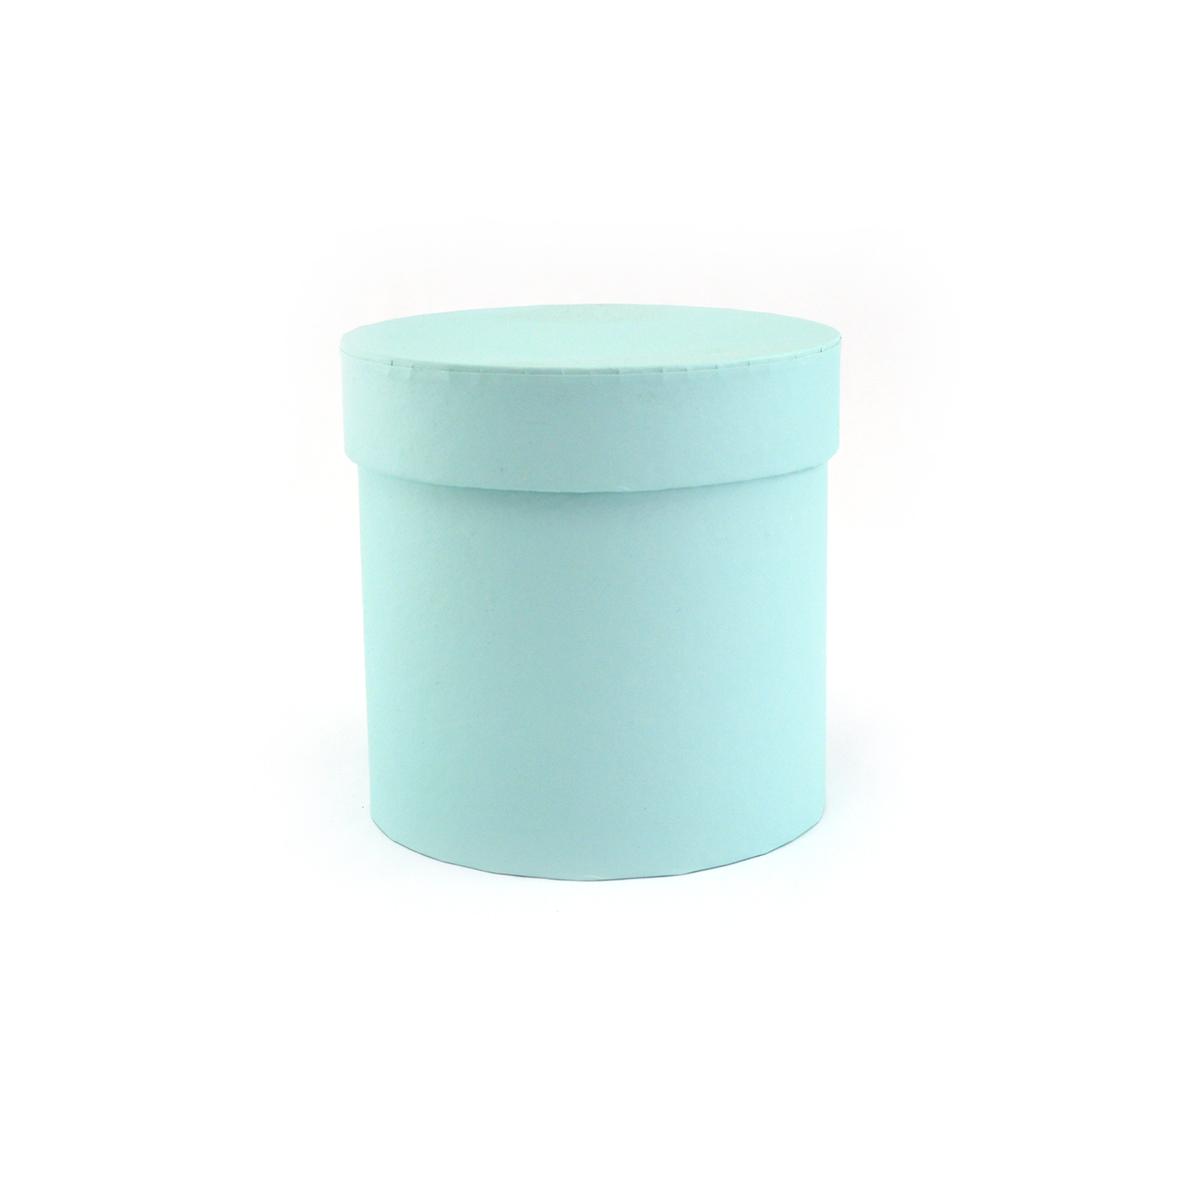 Ambalaje Flori ONLINE vinde Cutie cilindrica fara manere verde mint pastel la pretul de 8.9 lei